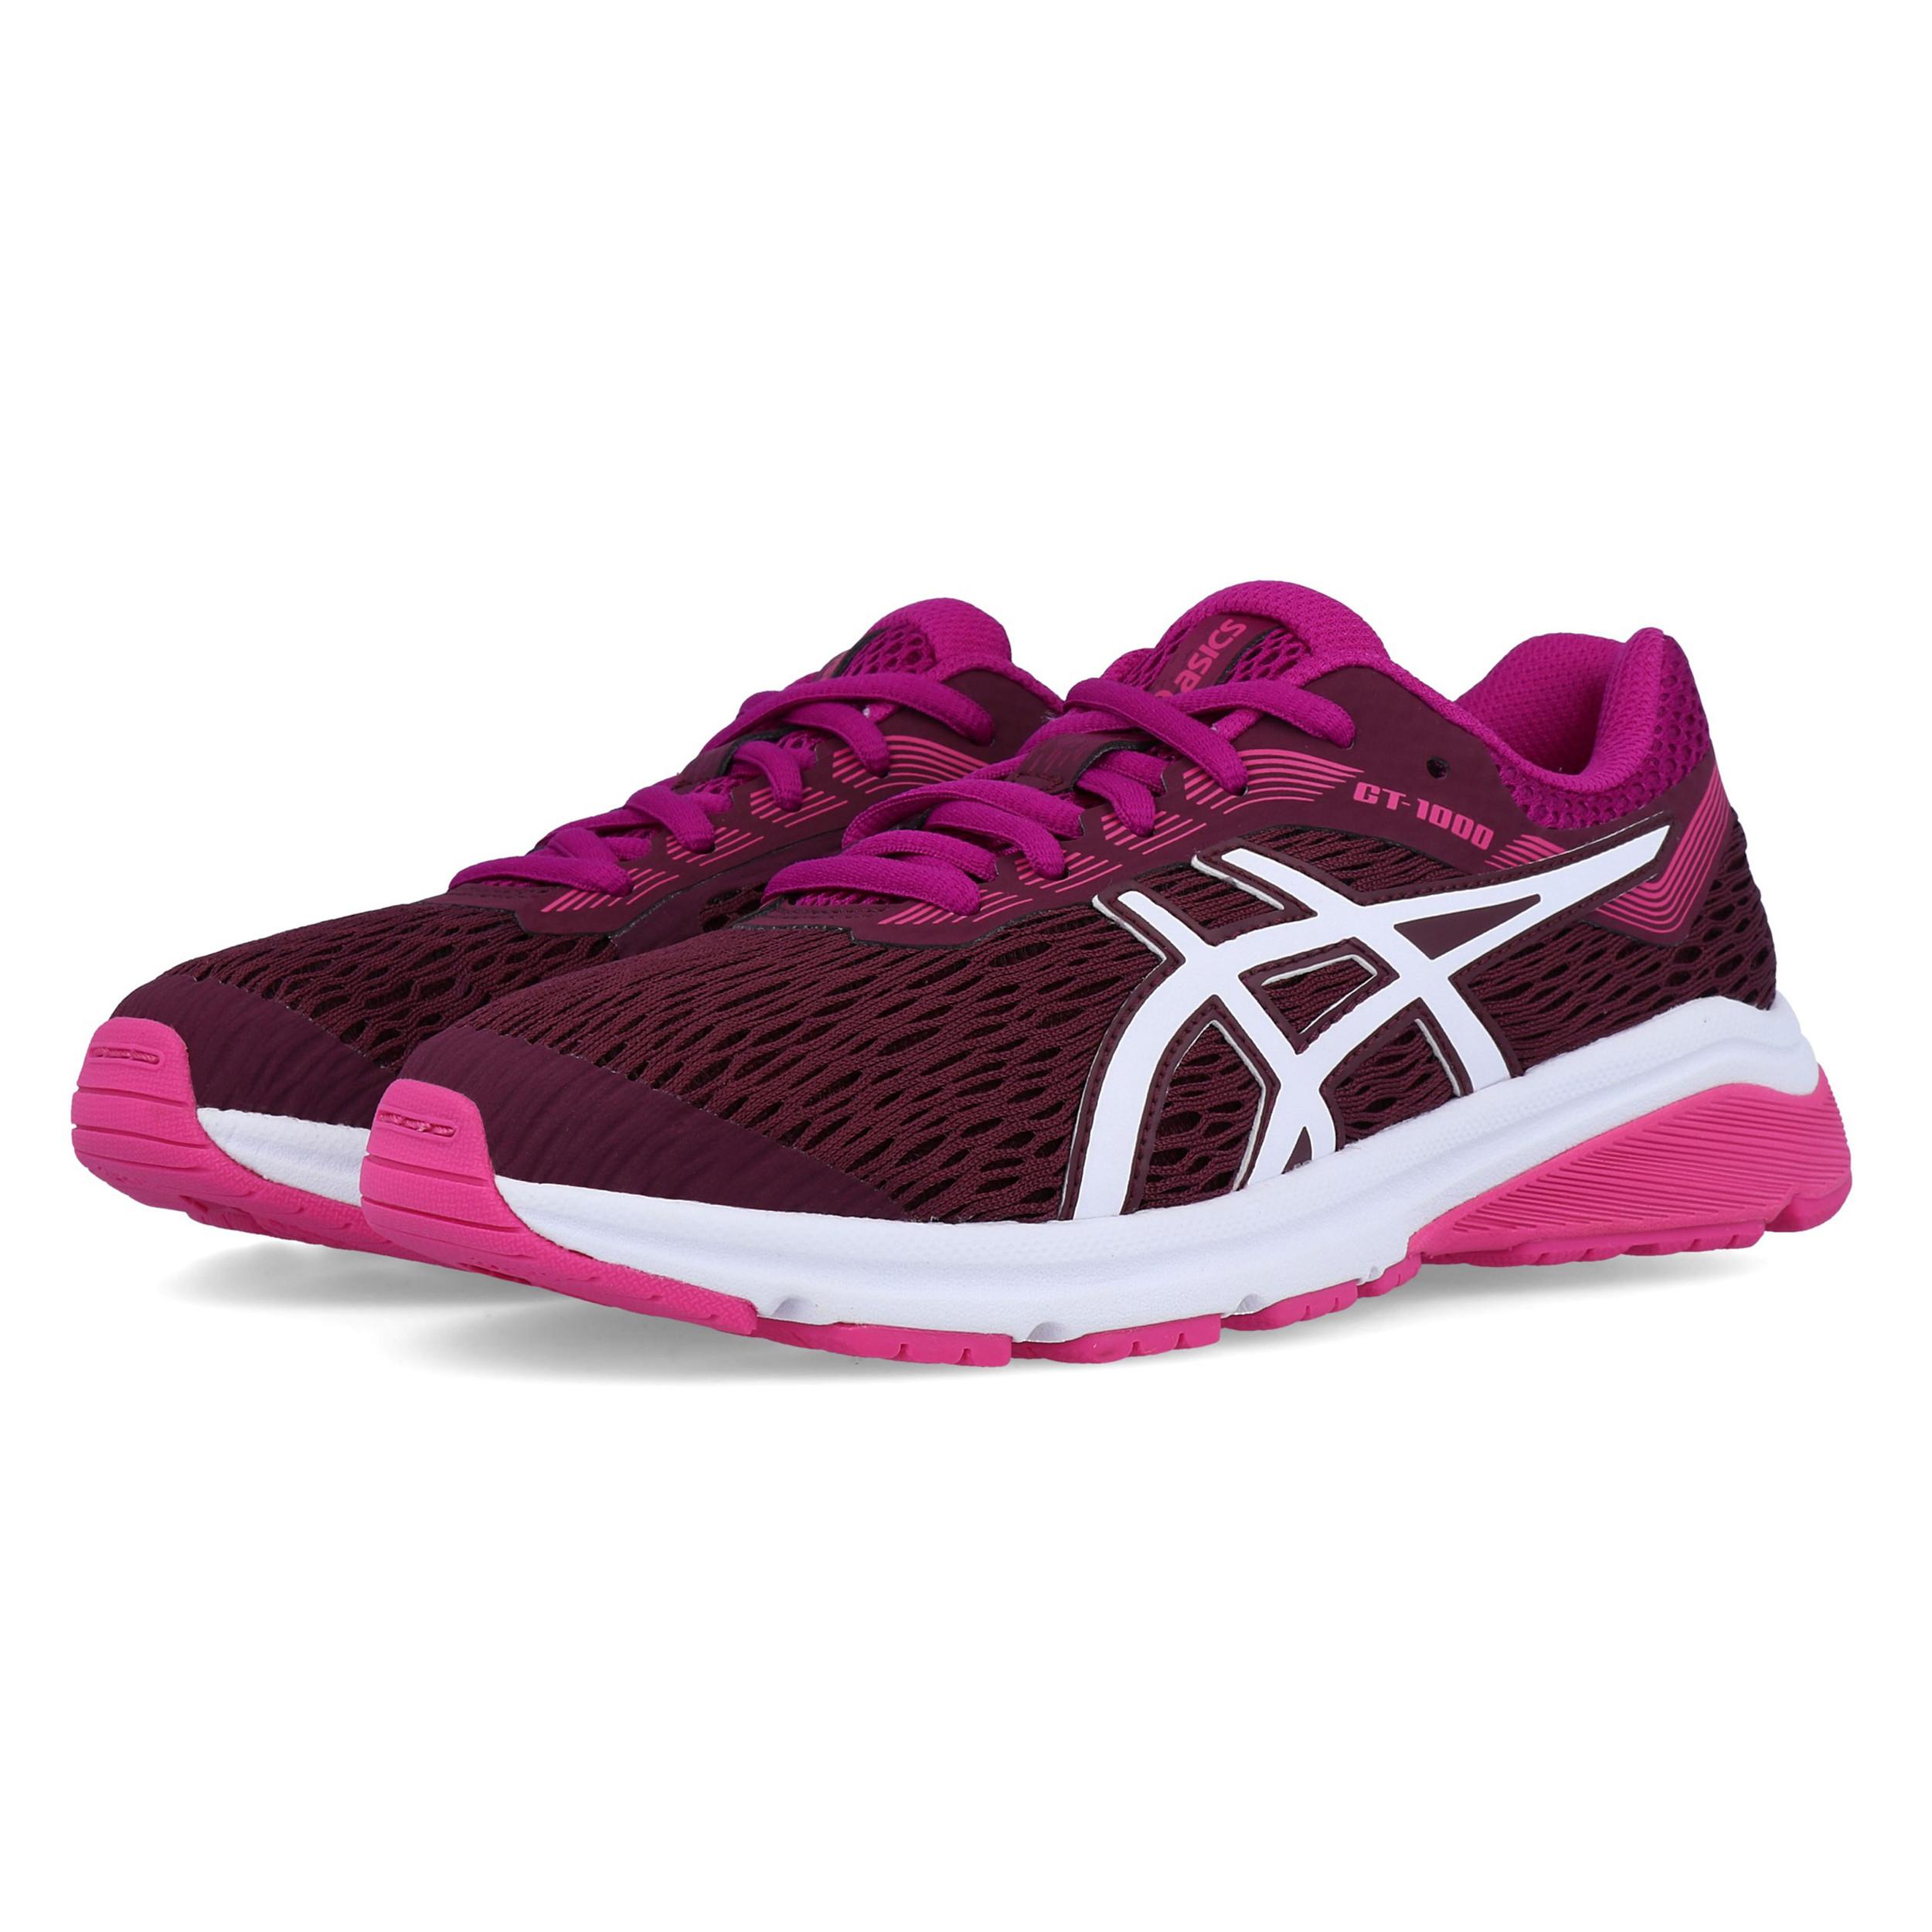 c19ba4269393b Asics Júnior Gt-1000 7 Gs Correr Zapatos Zapatillas Rosa Violeta ...